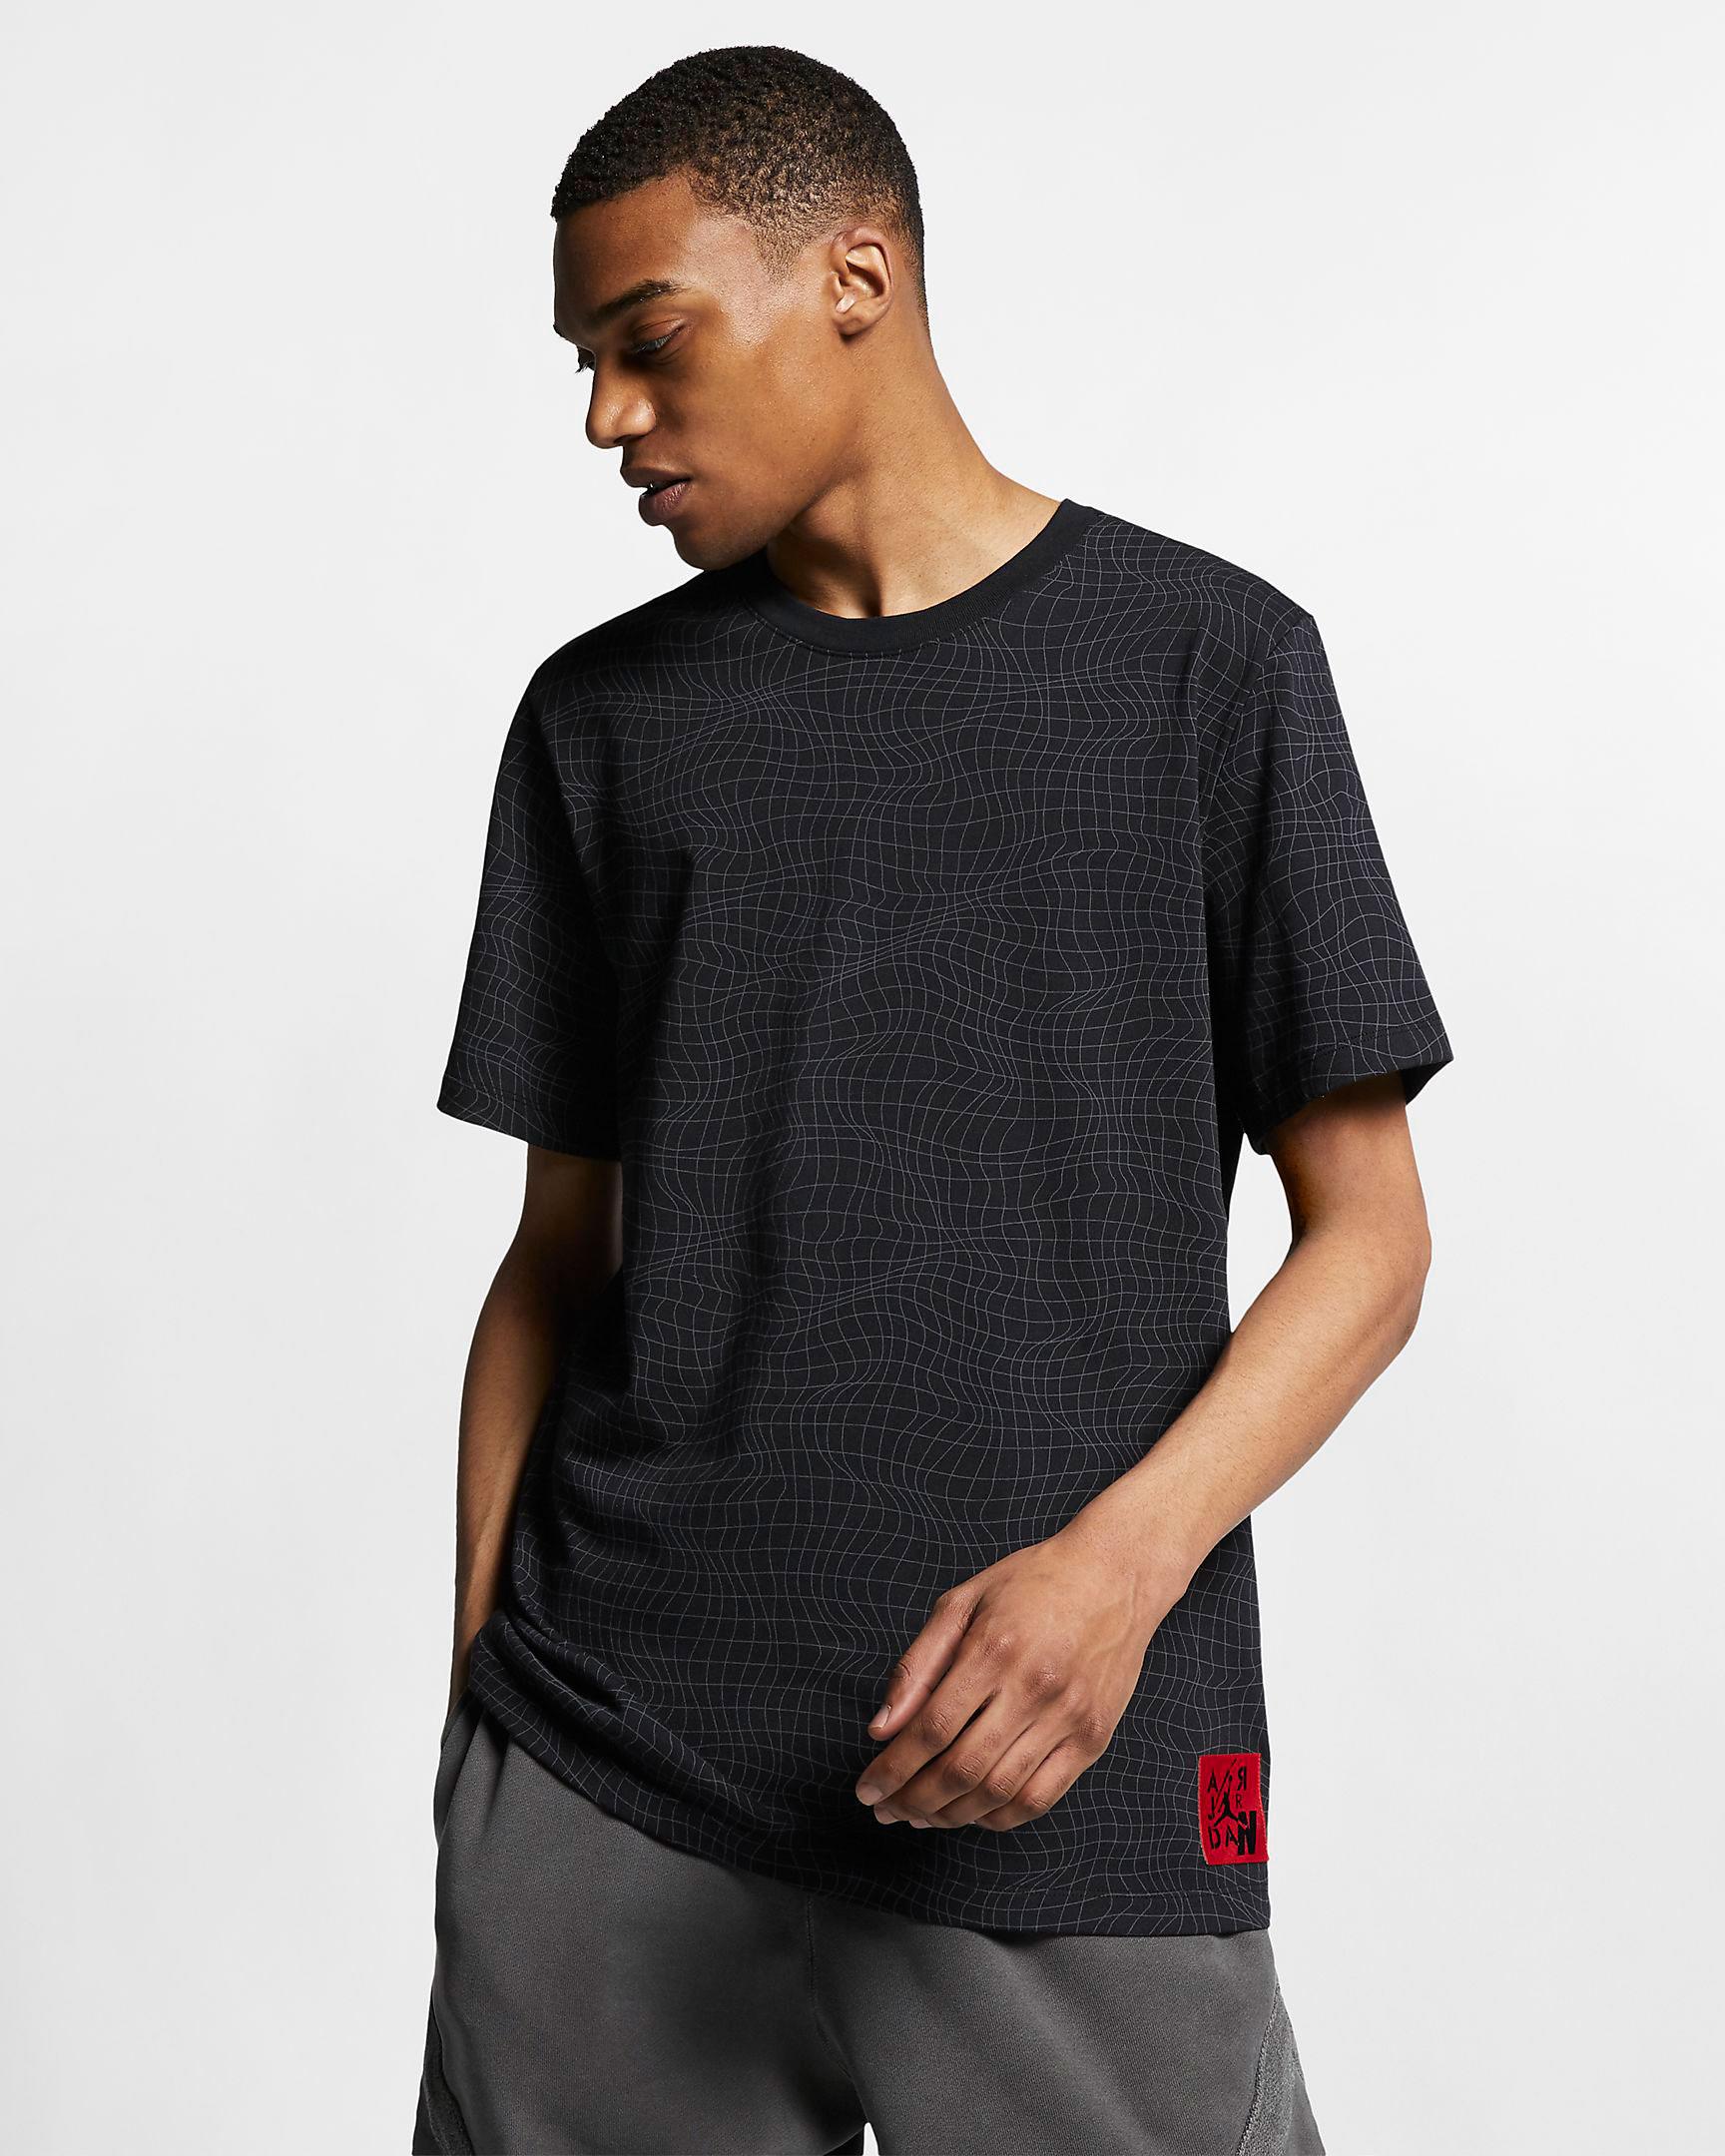 jordan-4-bred-cement-2019-shirt-1